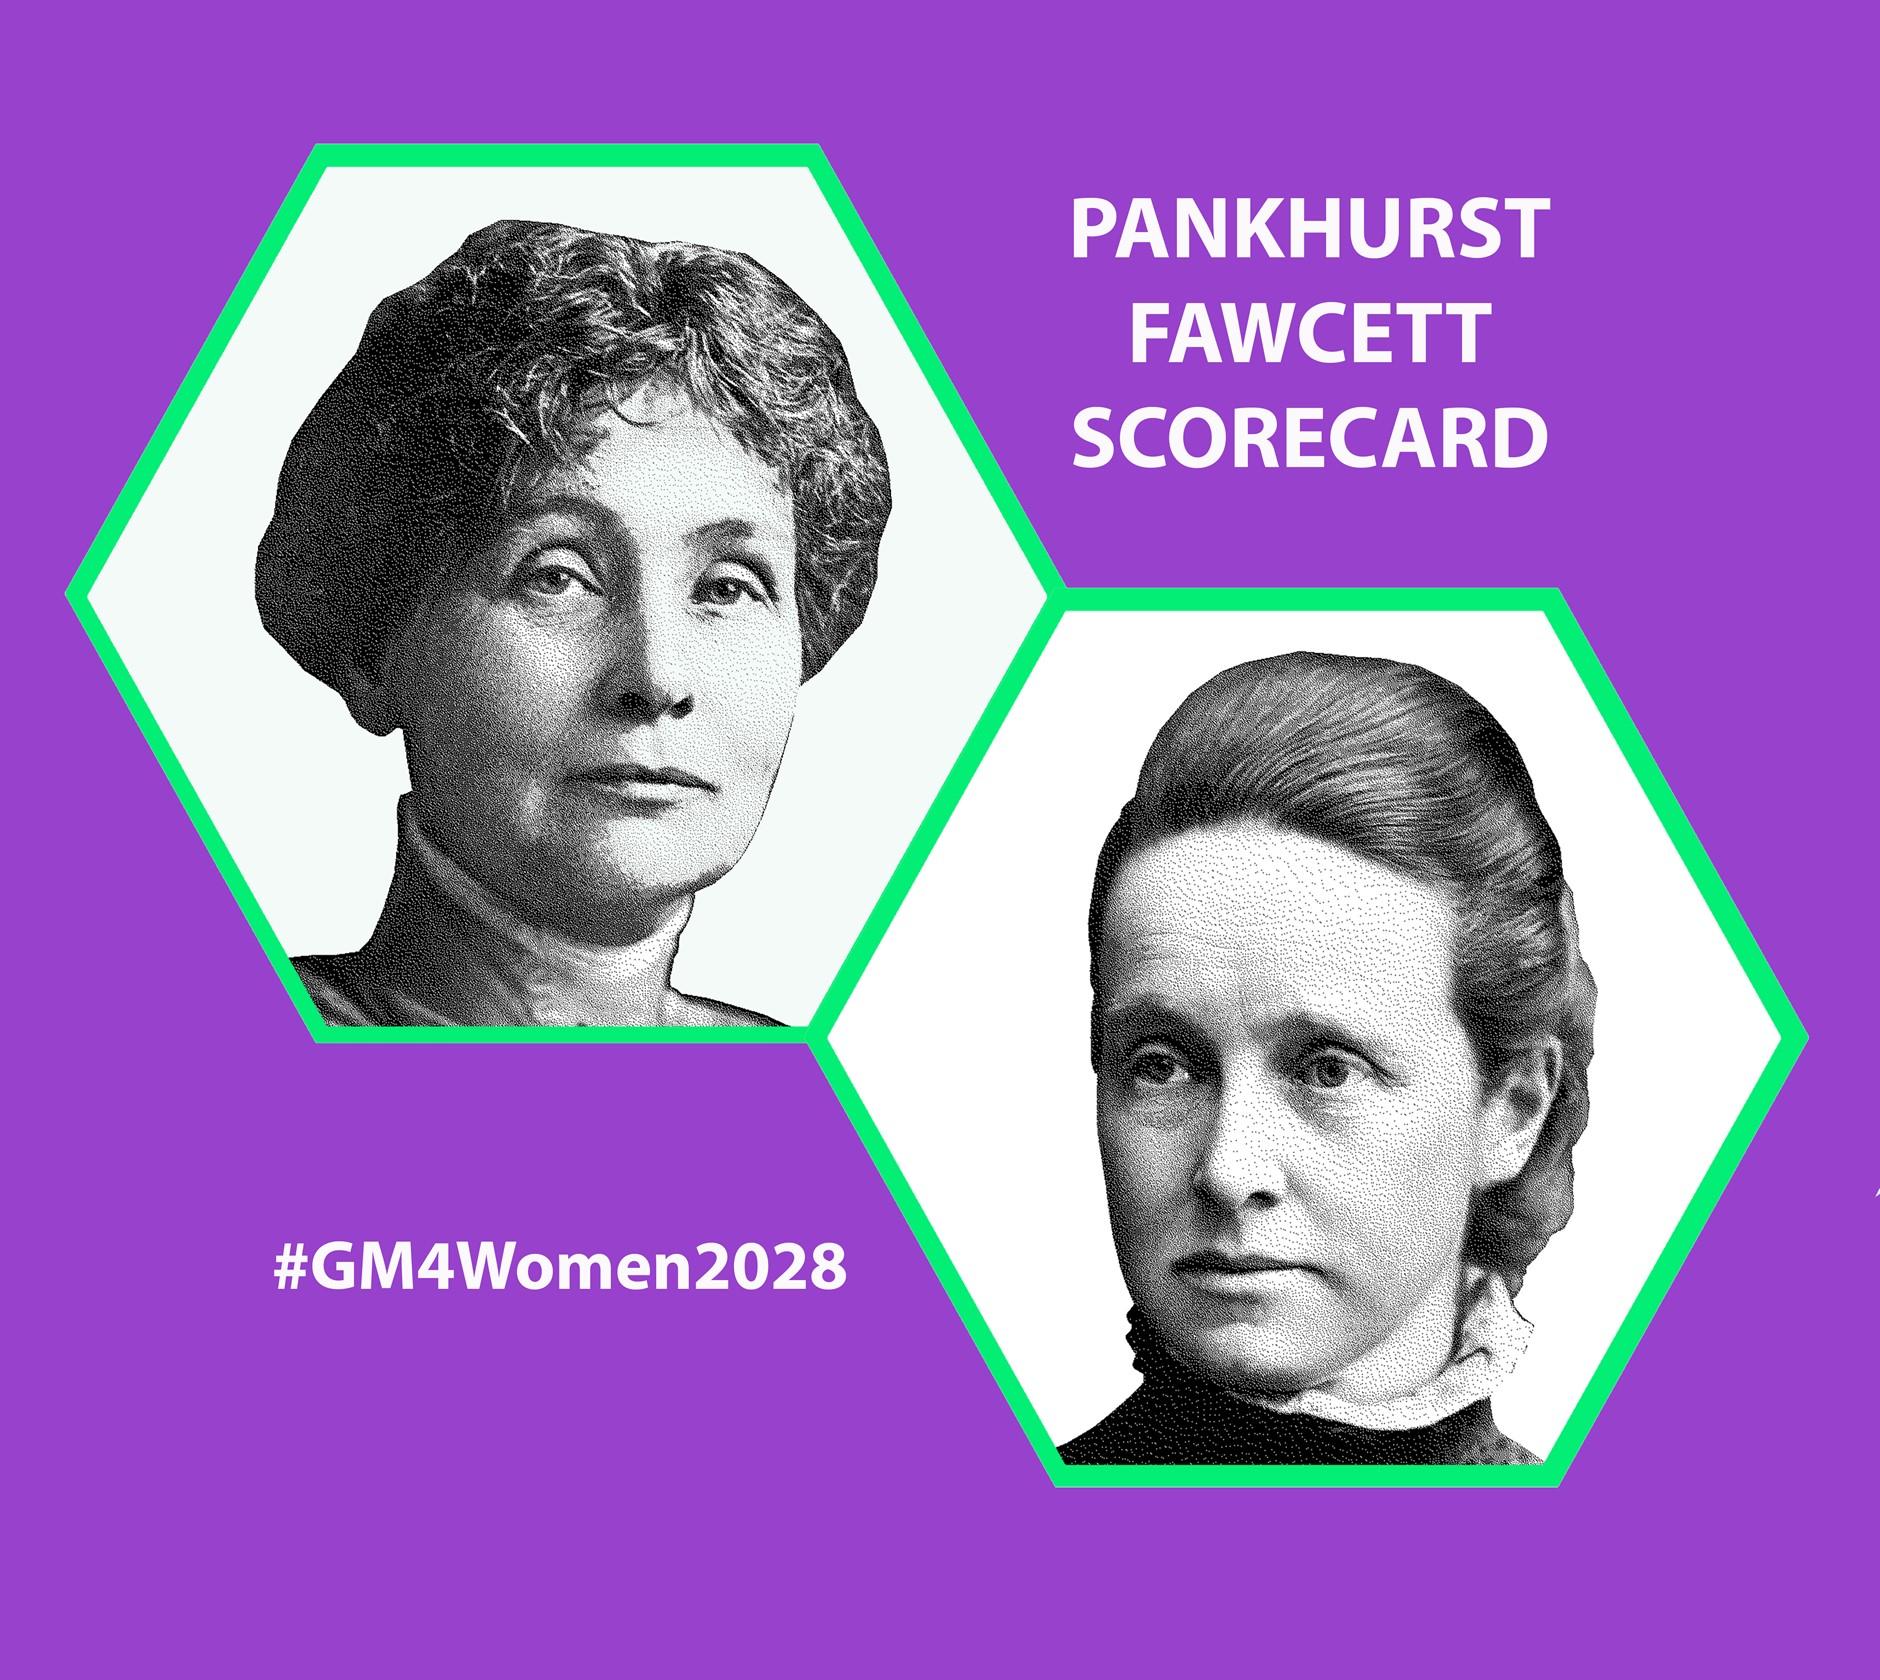 Pankhurst Fawcett Scorecard